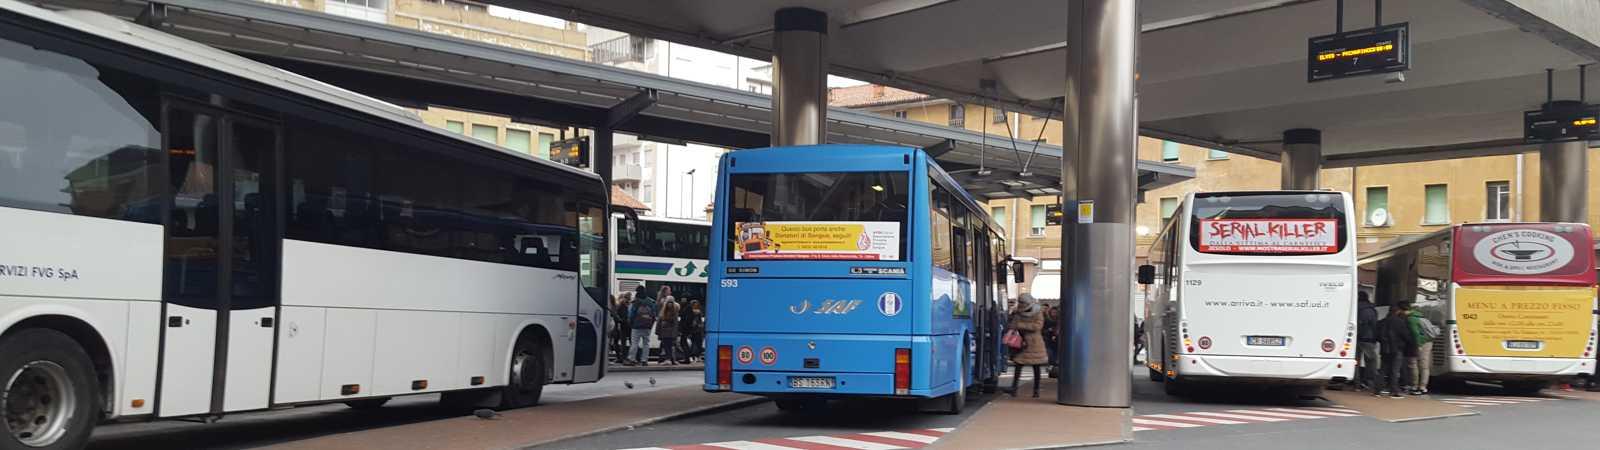 Bari, Bergamo, Bologna, Cagliari, Como, Olbia, Sondrio, Trento, Venezia: ricerchiamo Mystery Client per indagini sul trasporto pubblico